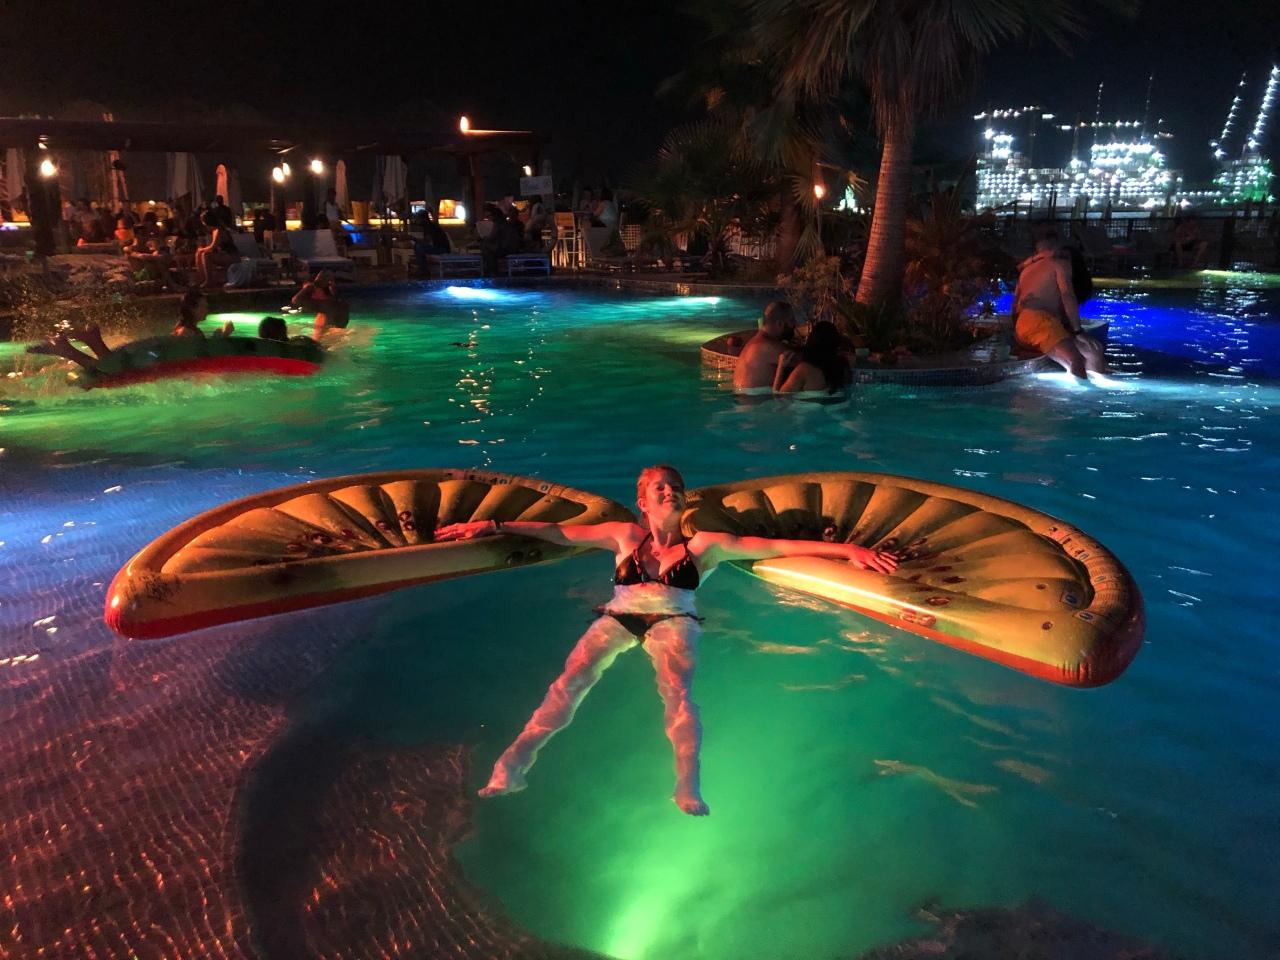 Barasti tropicana pool party